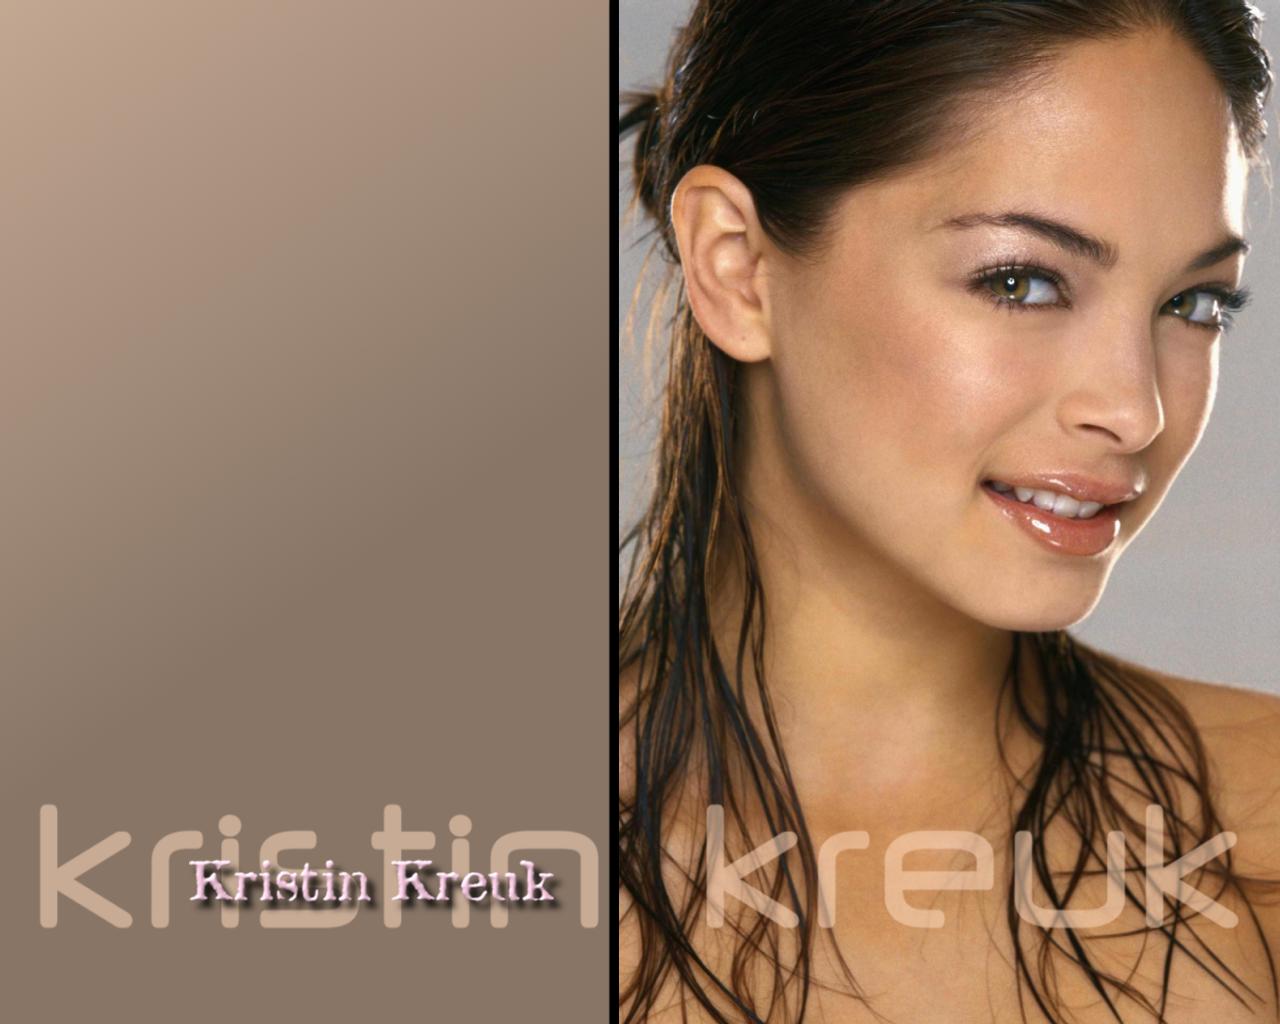 http://www.feroxy.com/wallpaper/kristin_kreuk/kristin_kreuk_wp1_1280x1024.png